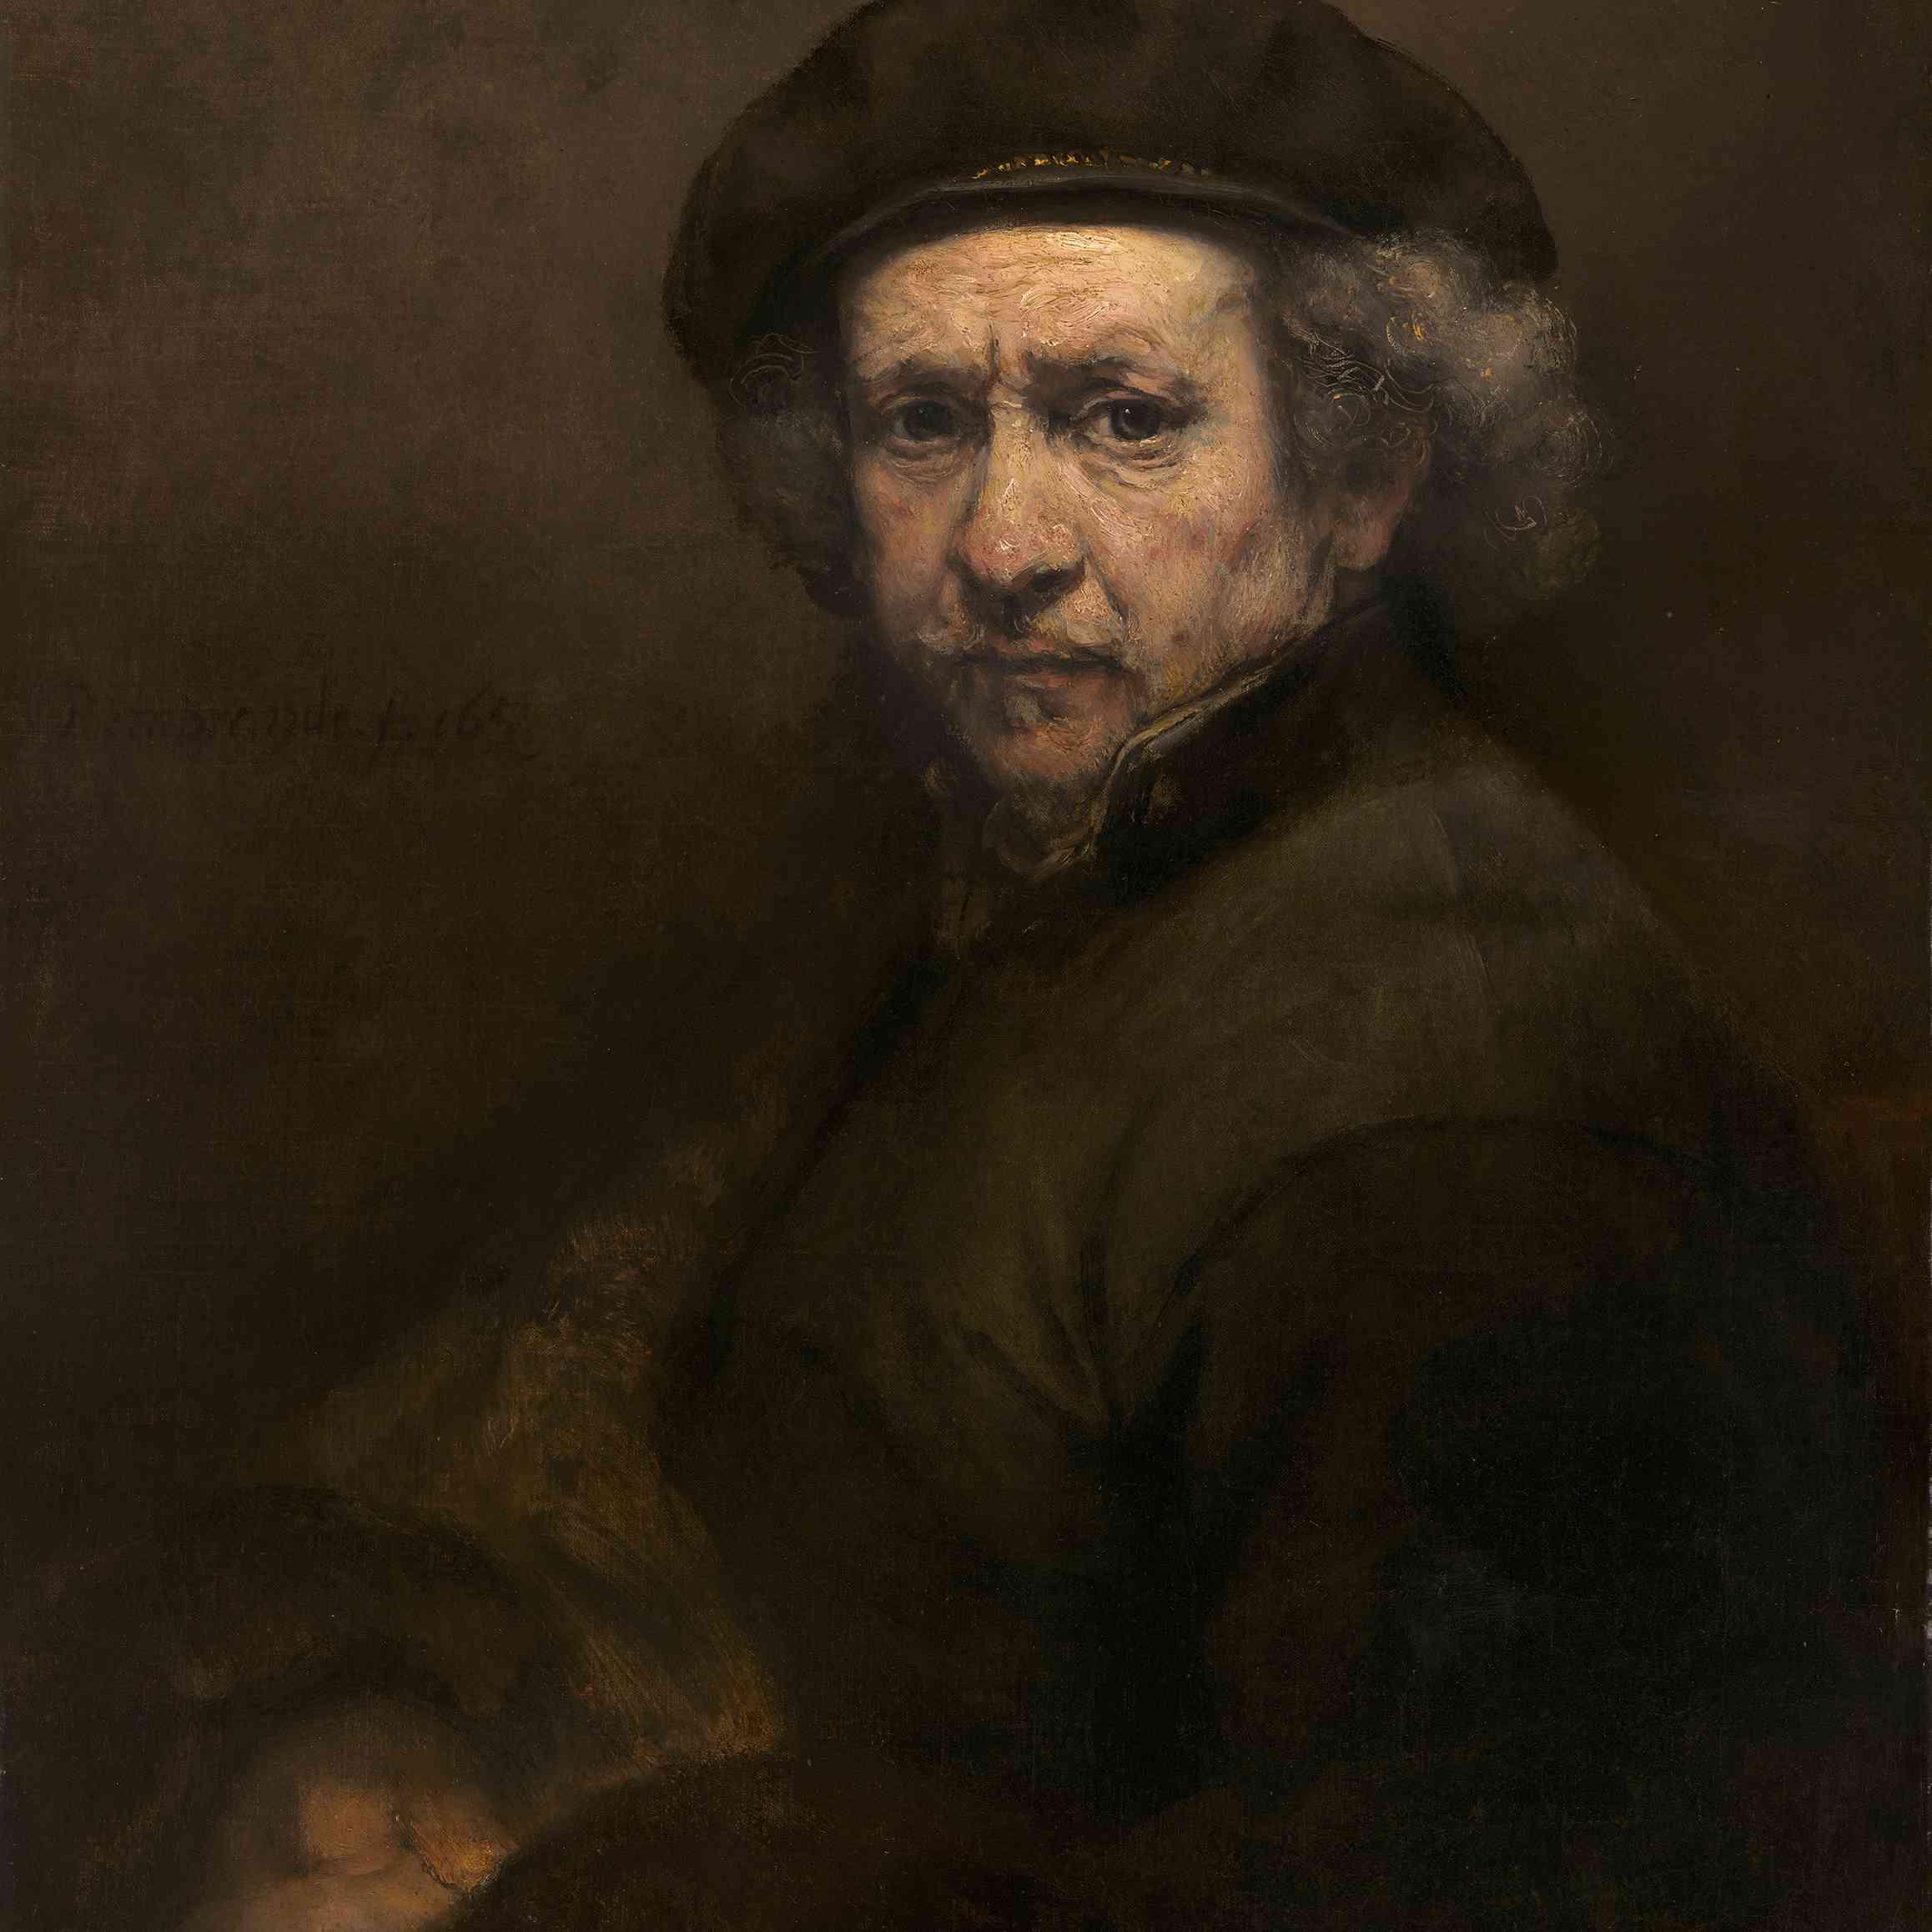 Autoretrato Rembrandt